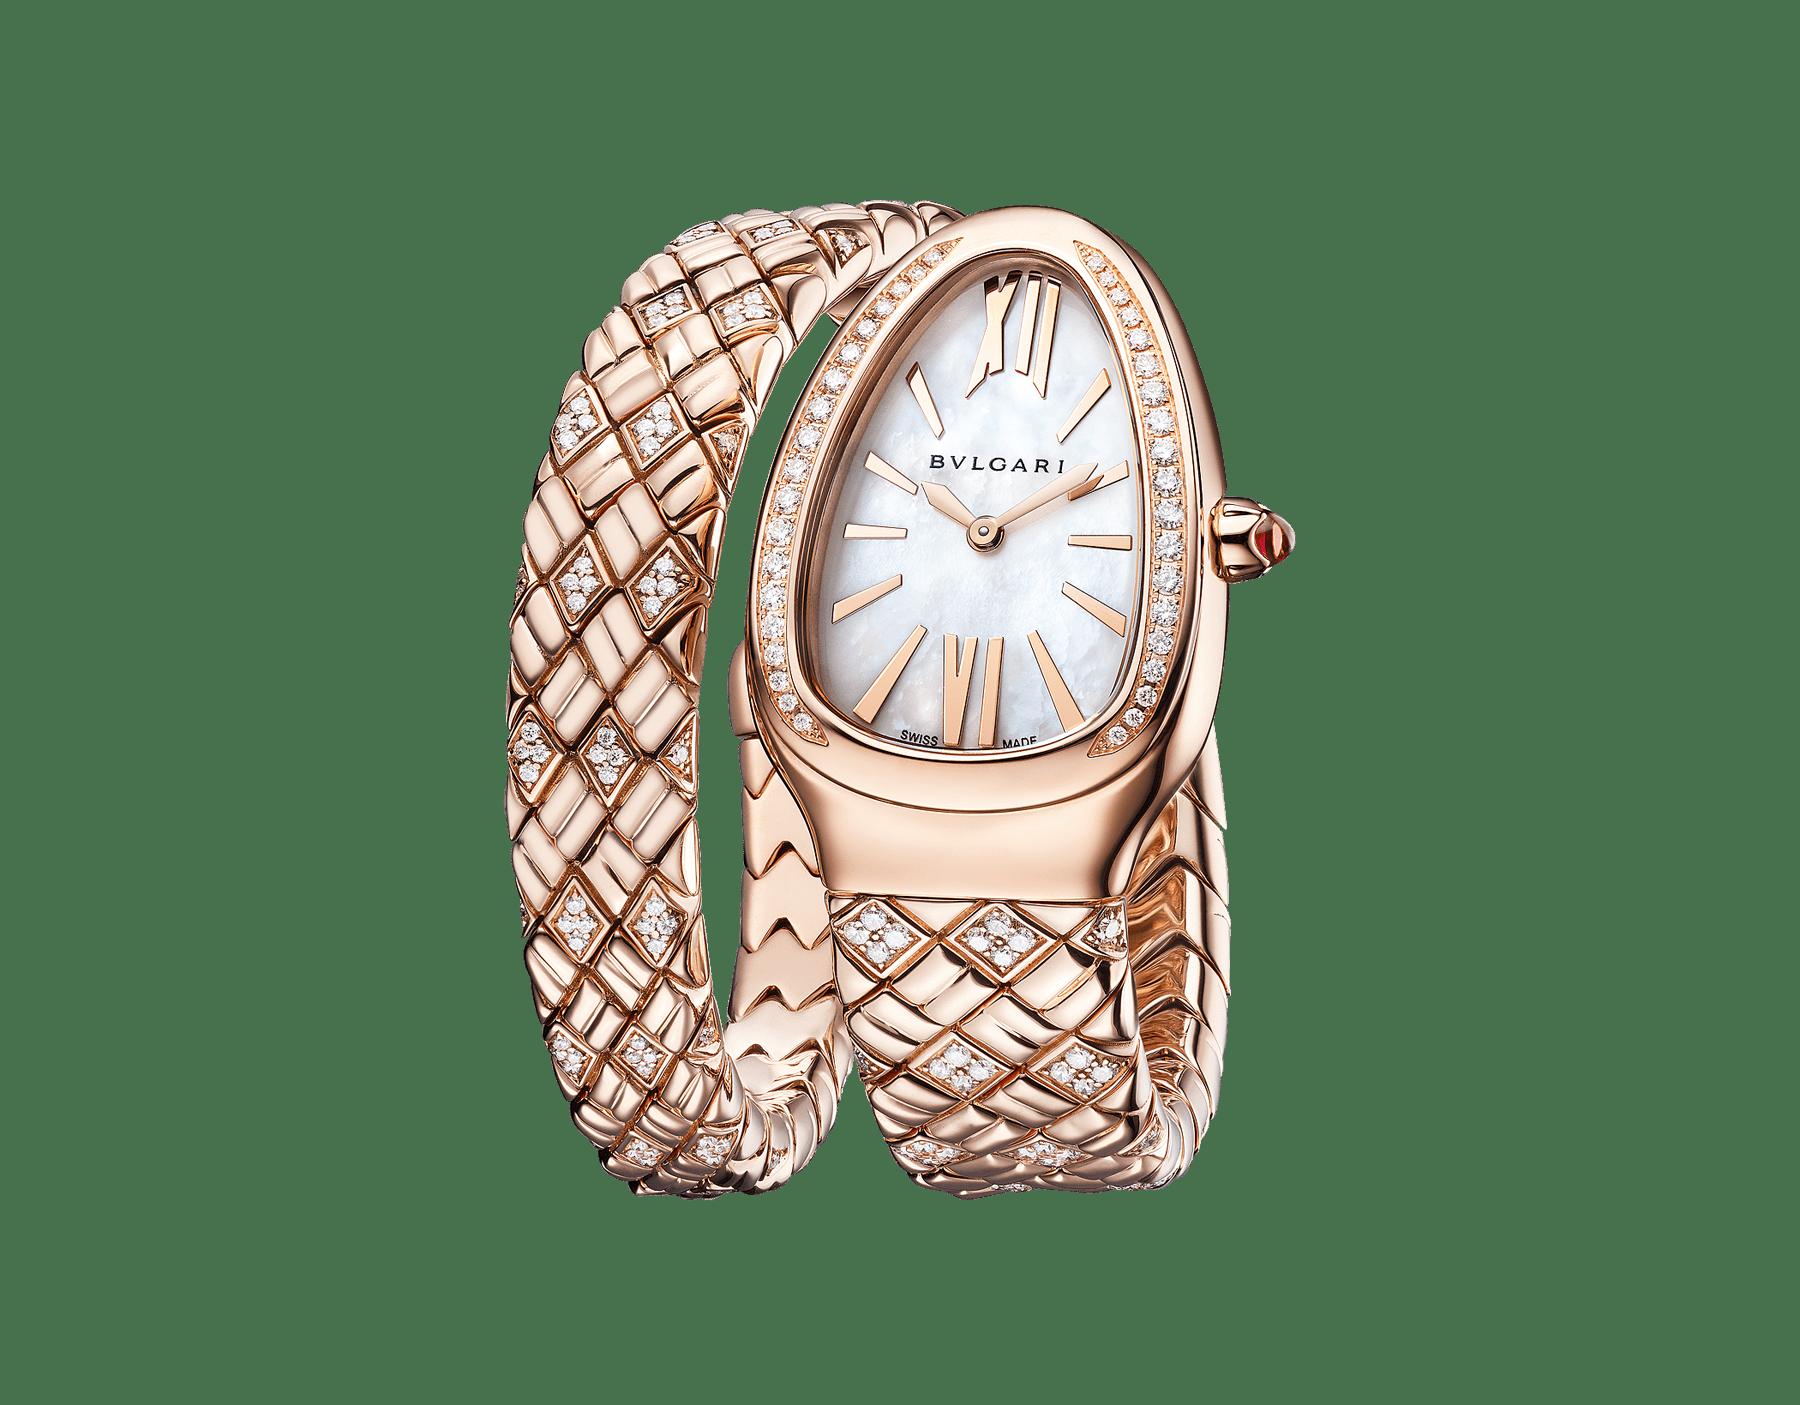 Einfach geschwungene Serpenti Spiga Uhr mit Gehäuse und Armband aus 18Karat Roségold mit Diamanten sowie einem Zifferblatt aus weißem Perlmutt 103250 image 2